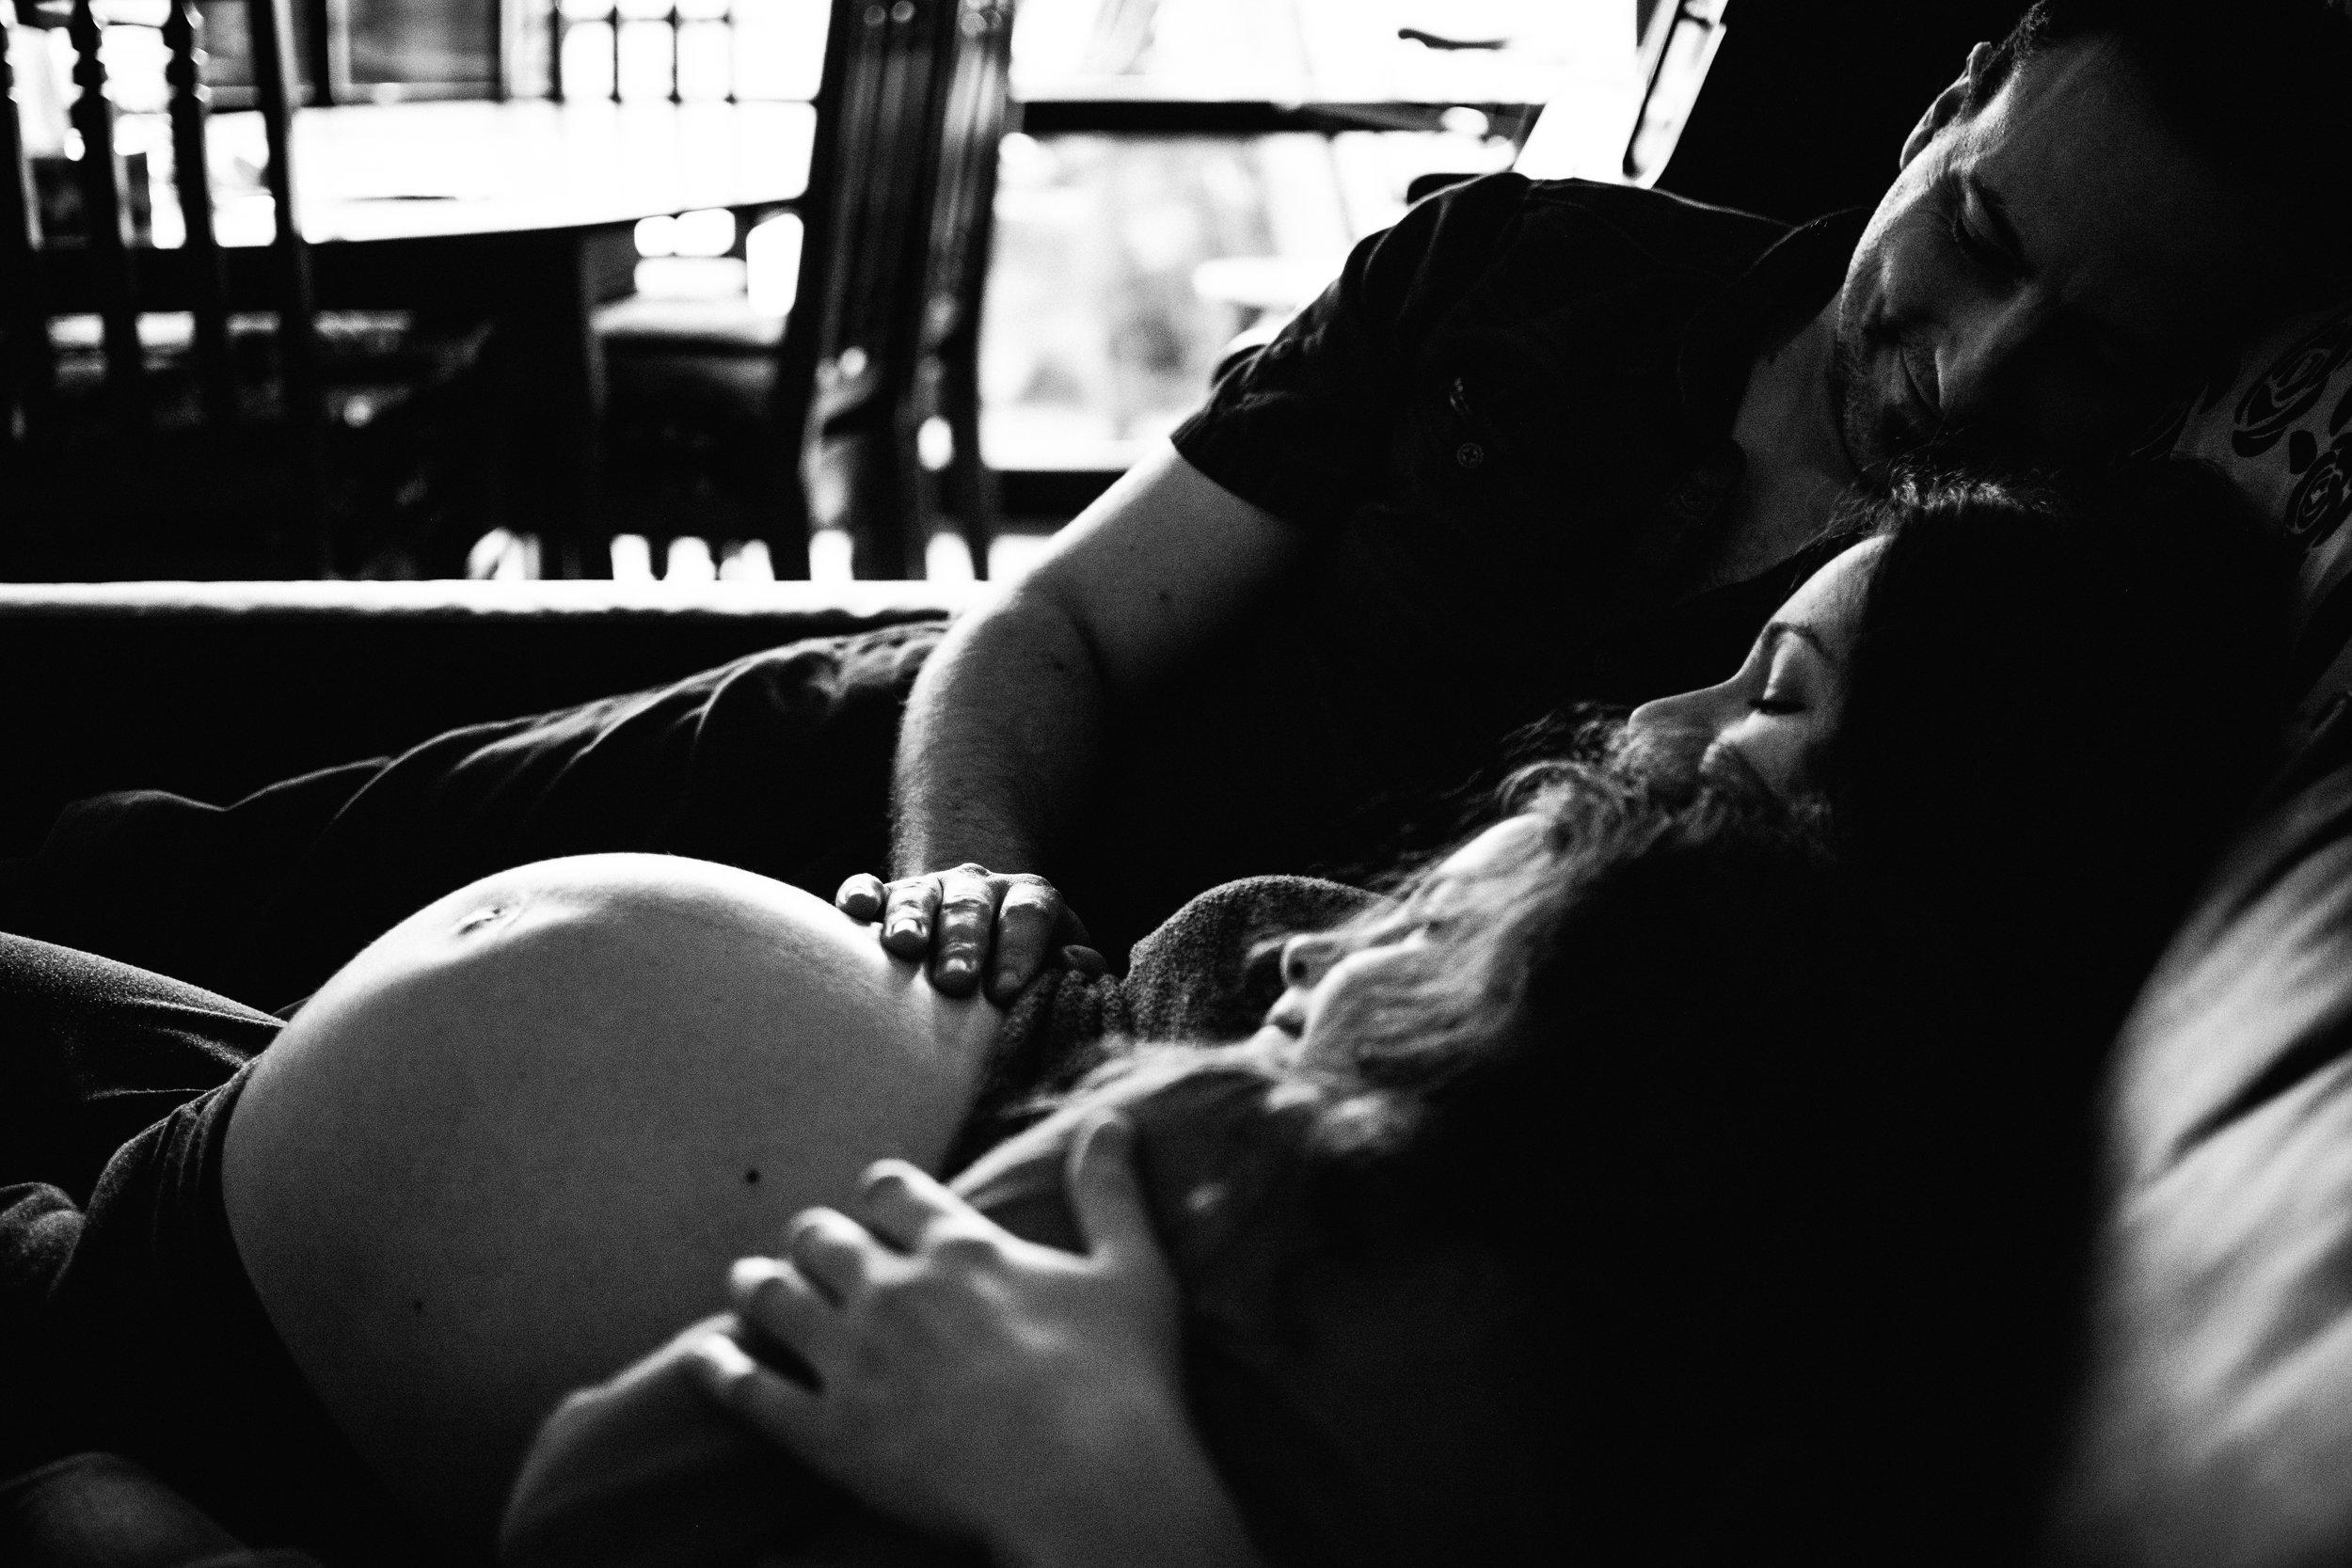 photo-noir-et-blanc-d-une-famille-qui-atteint-la-venue-d-un-petit-frere-sur-le-divan-photographe-maternite-bebe-famille-montreal.jpg